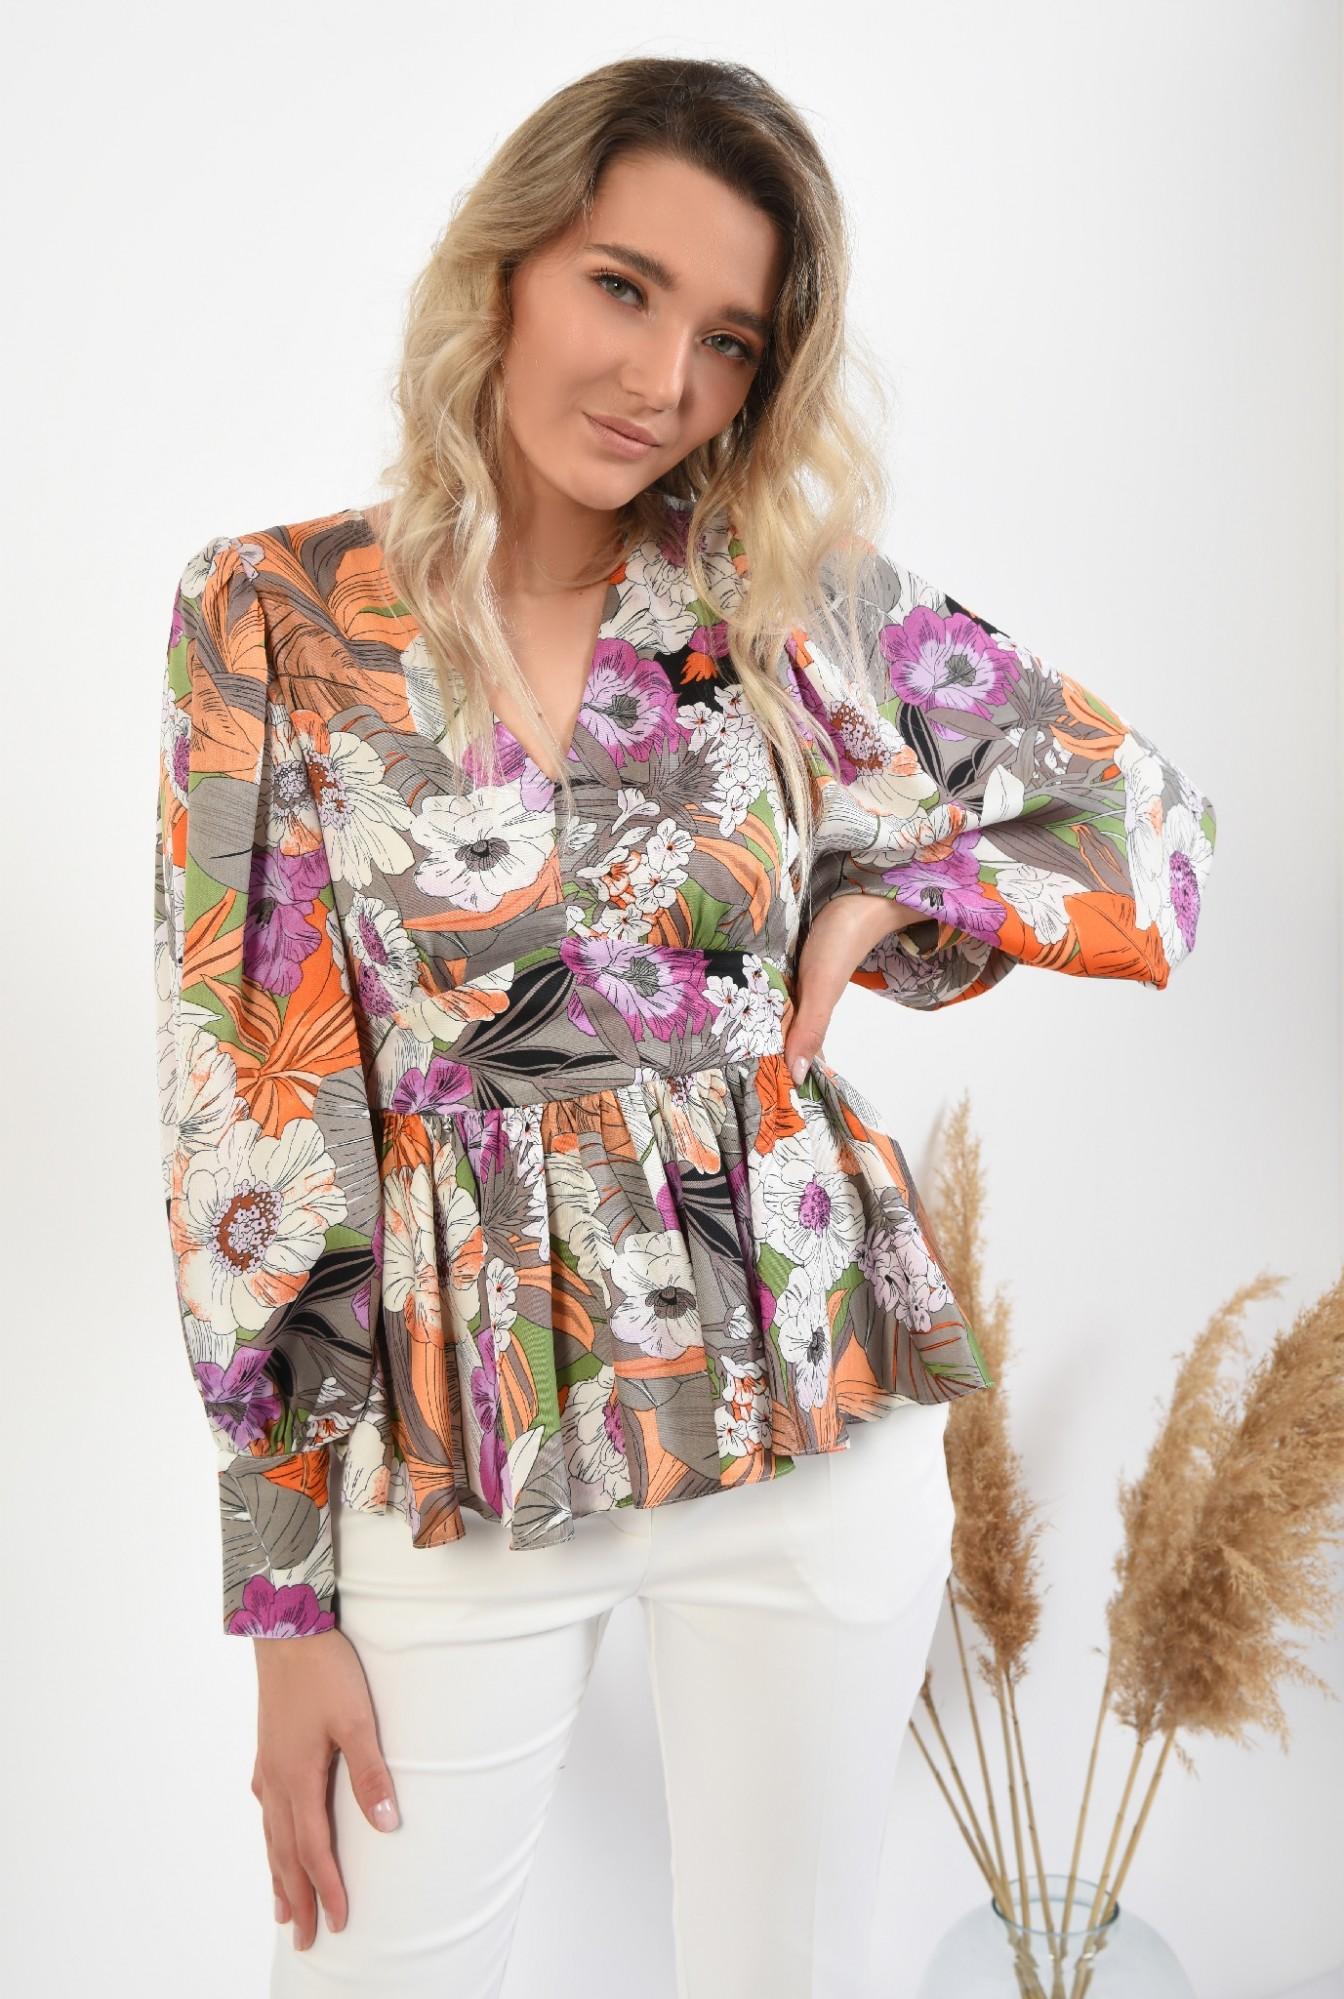 0 -  bluza eleganta, cu peplum, maneci bufante, cu flori